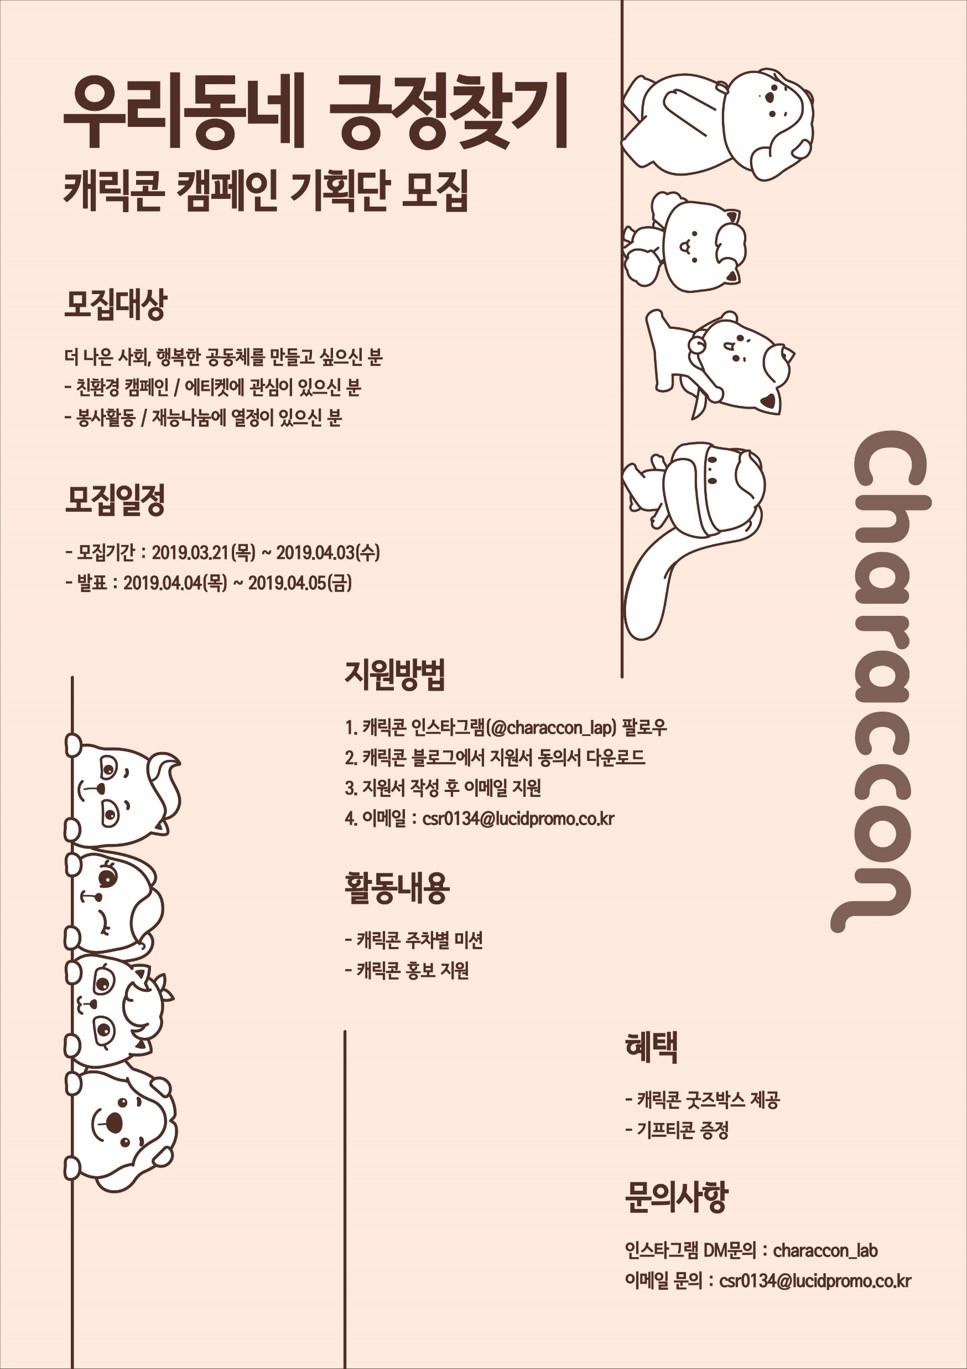 캐릭콘 캠페인 기획단 모집 ≪우리동네 긍정찾기≫